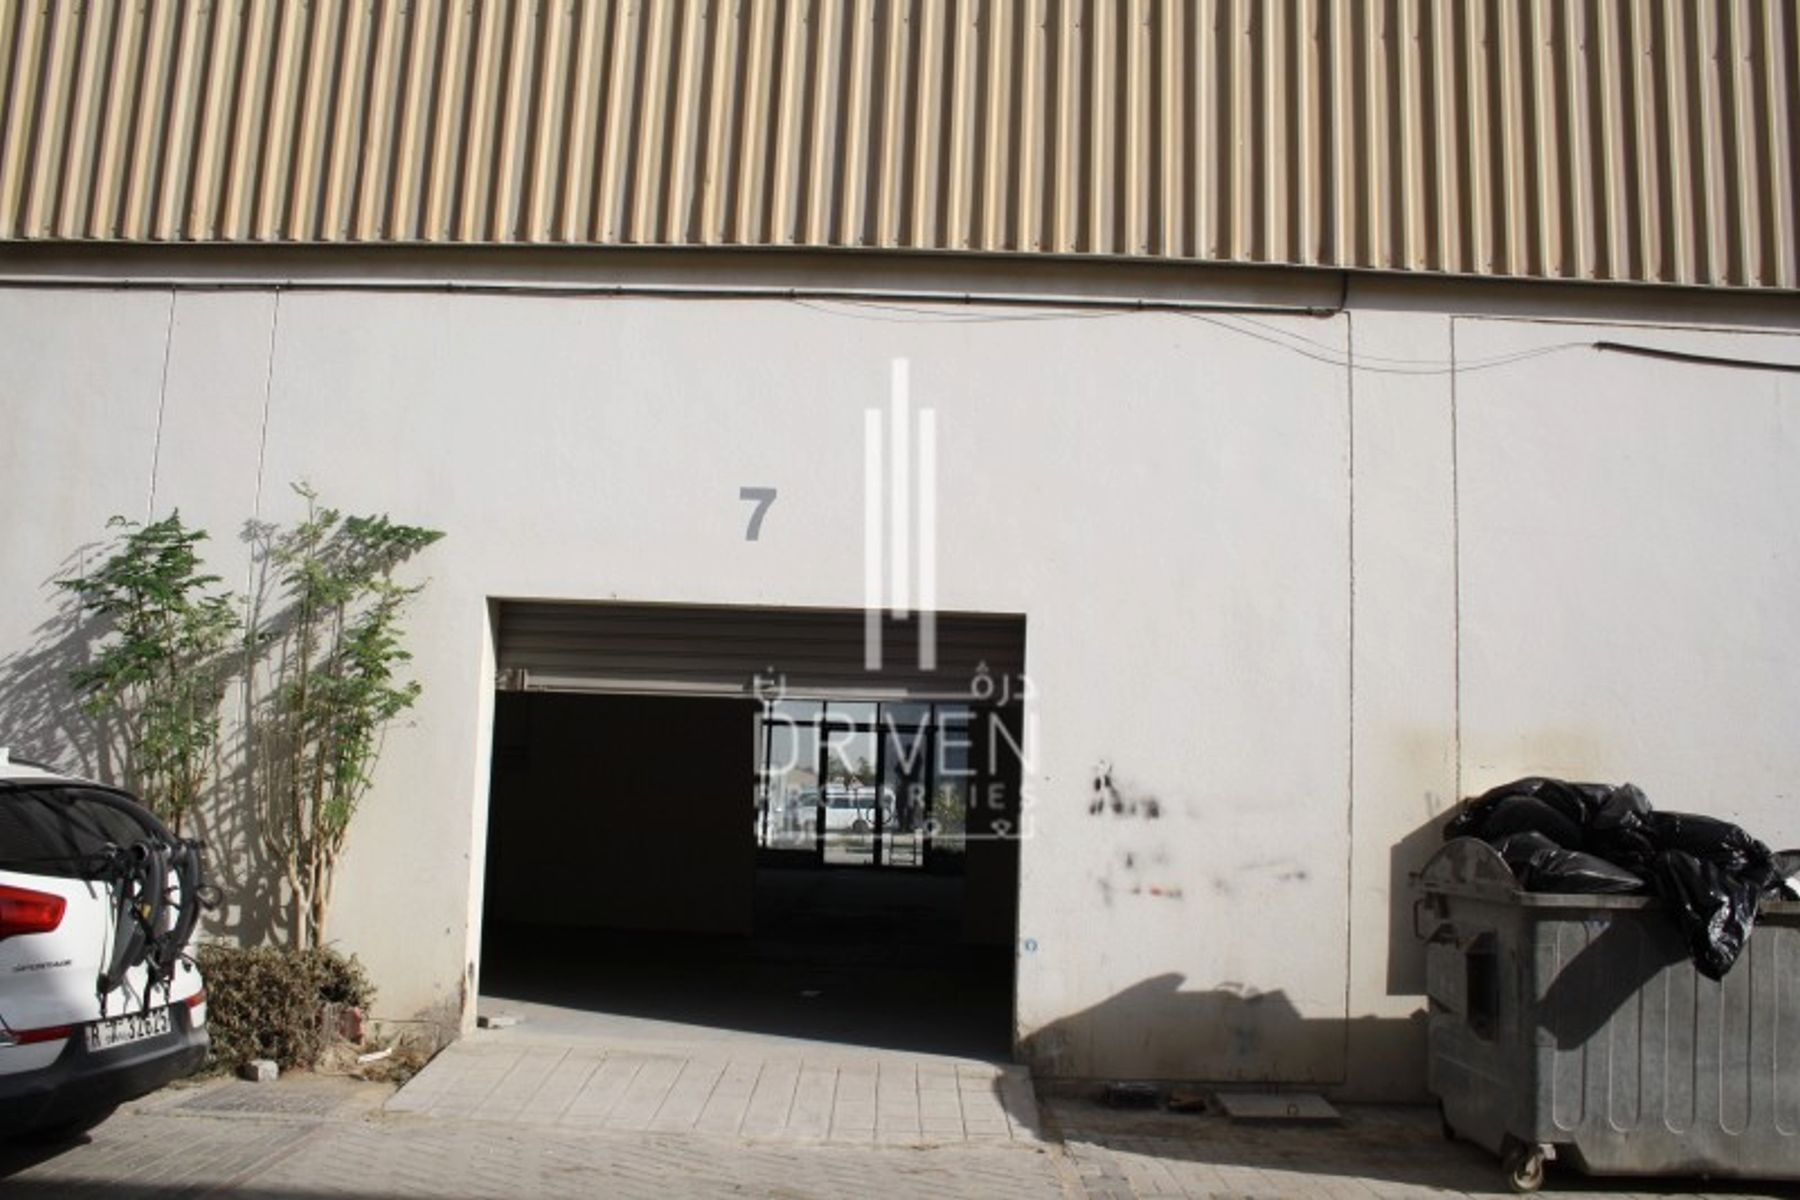 للايجار - تجزئة - المرحلة 1 - مجمع دبي للإستثمار